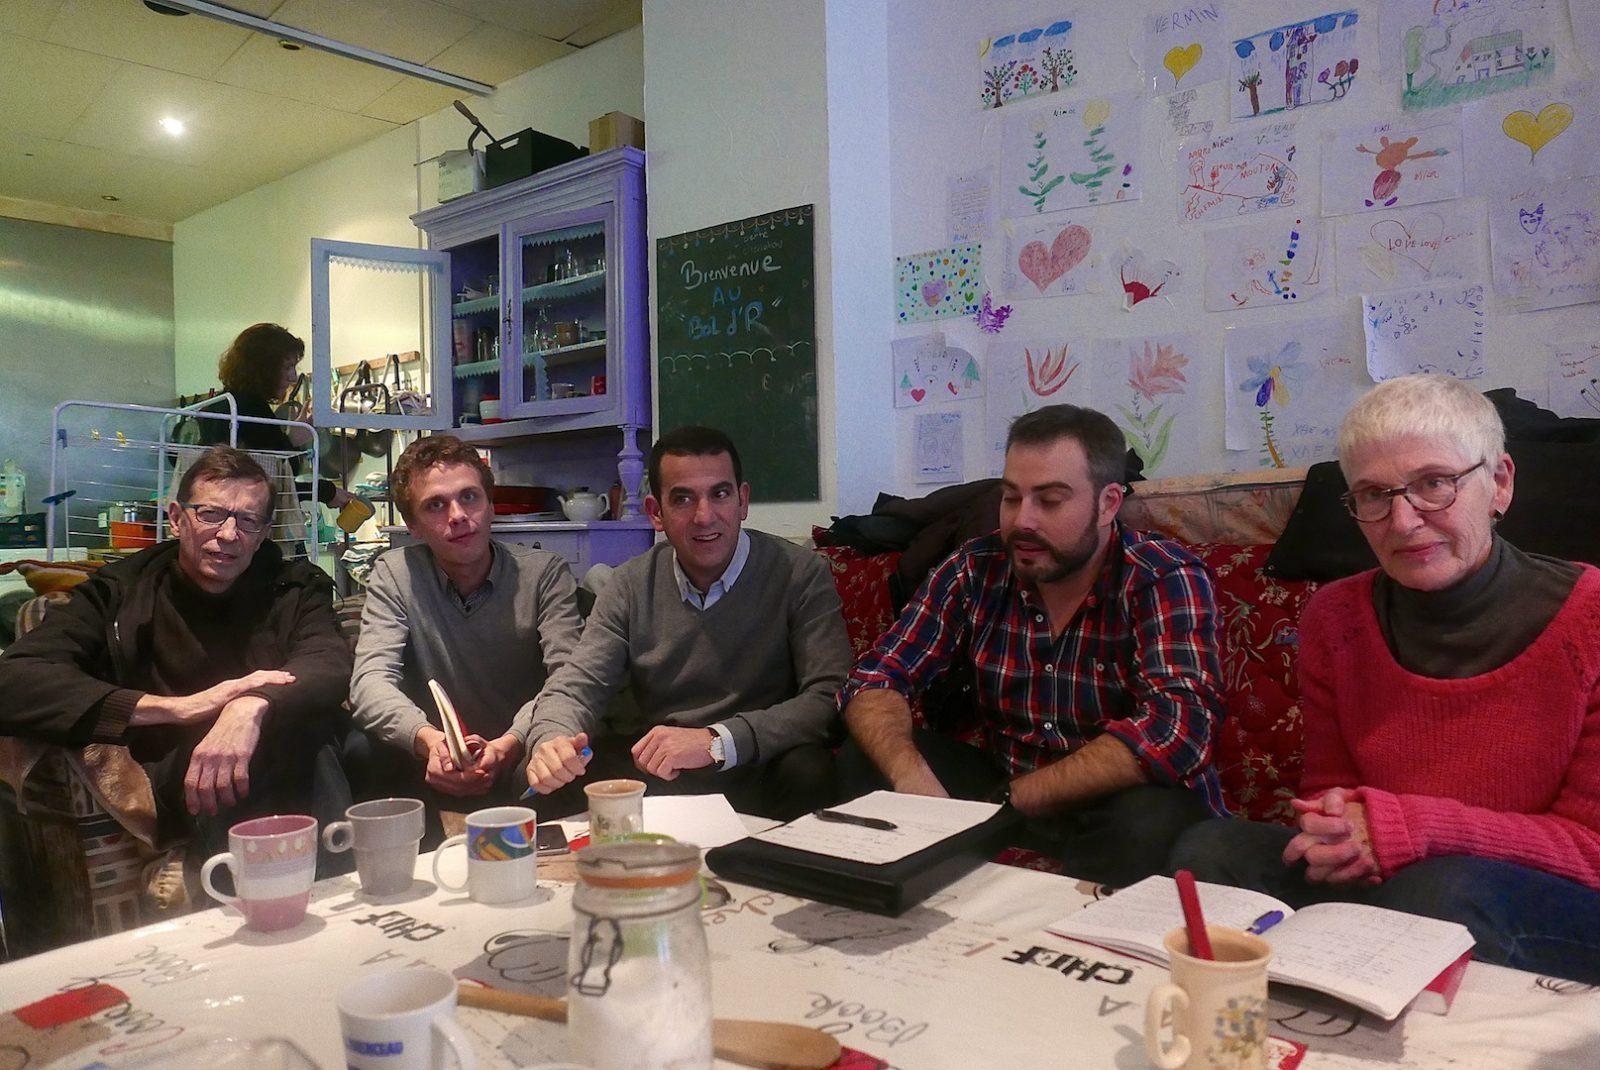 Thierry Lebaupin et Noëlle Ledeur encadrent Anthony Poulin (EELV), Abdel Ghezali (PS) et Thibaut Bize (PCF) au début d'une rencontre de plus d'une heure et demi. (Photos Daniel Bordur)